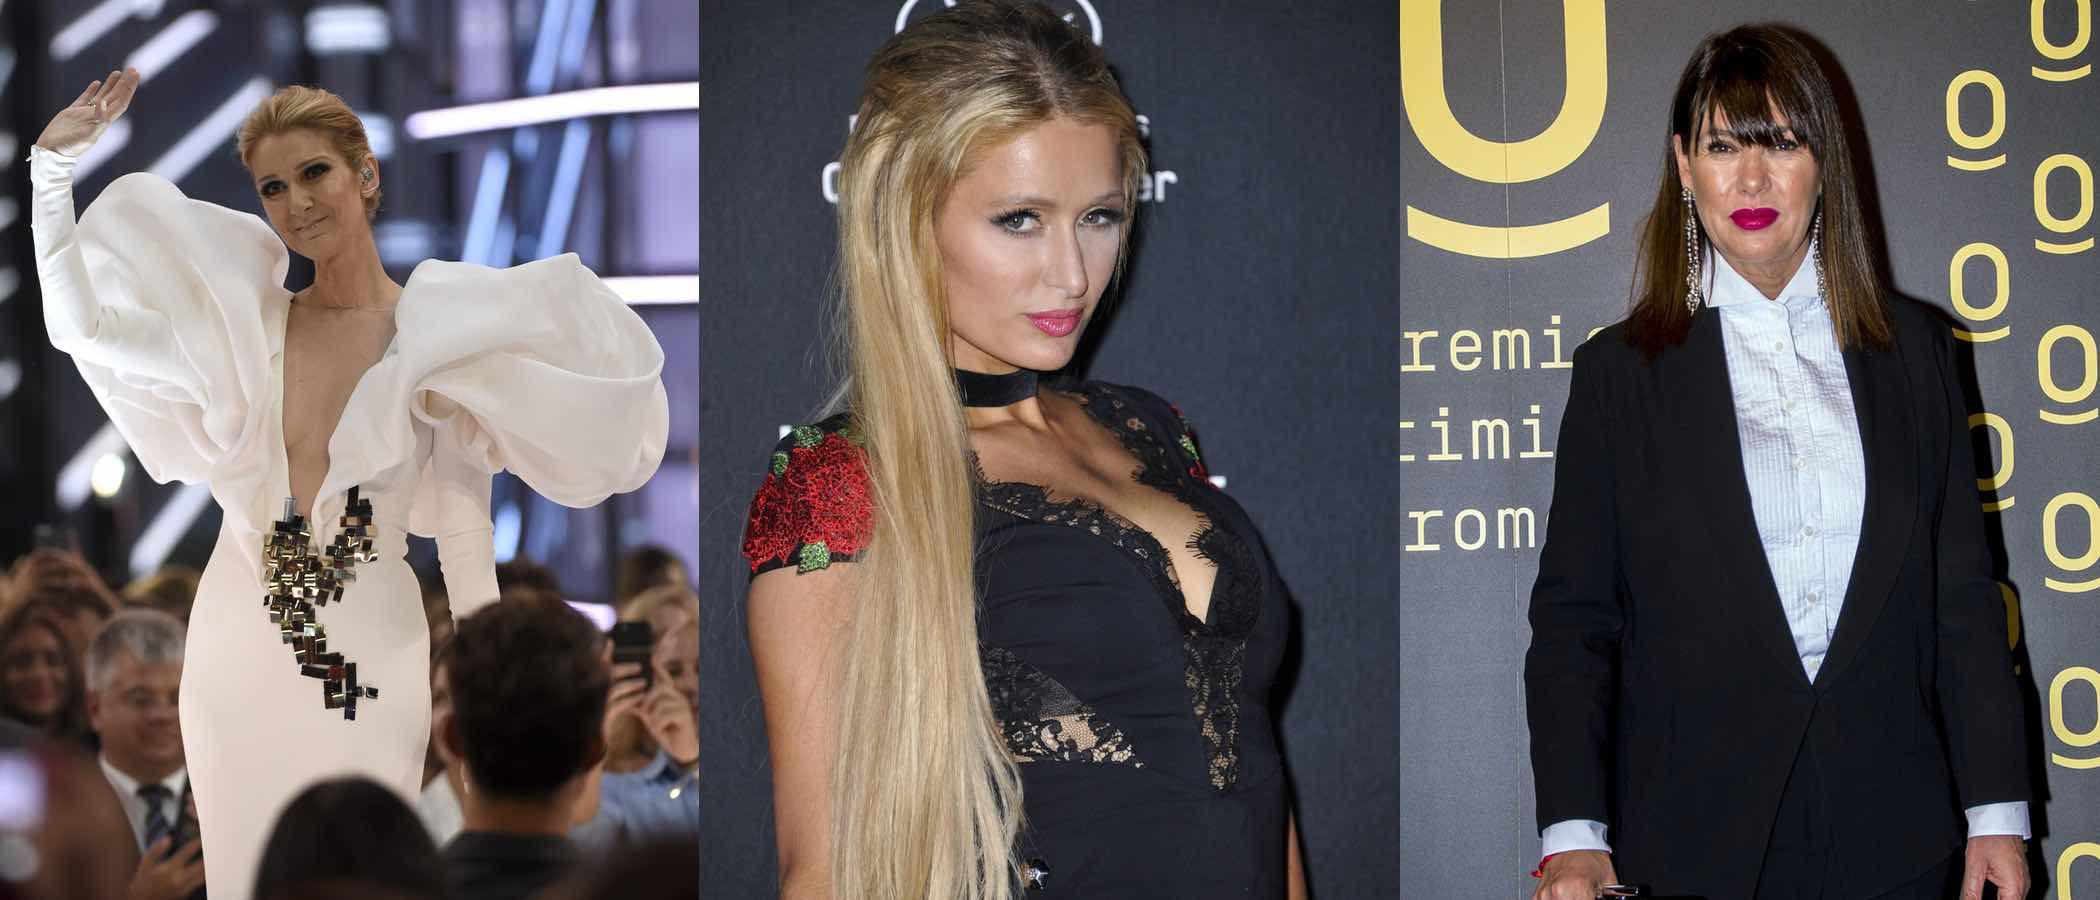 Paris Hilton y Mabel Lozano, entre los peores beauty looks de la semana